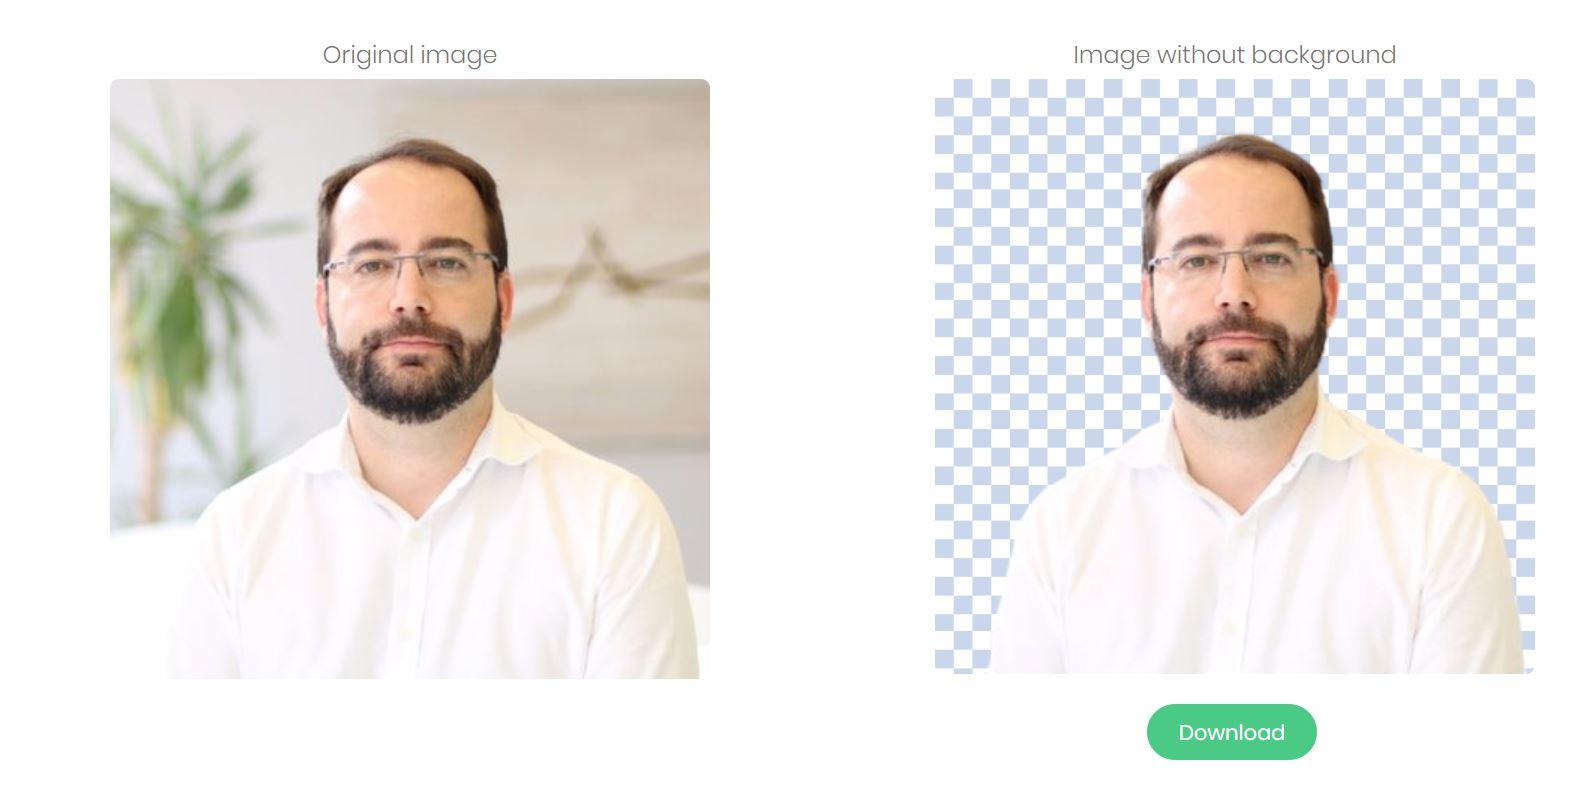 Cómo eliminar el fondo de una imagen en 5 segundos 38